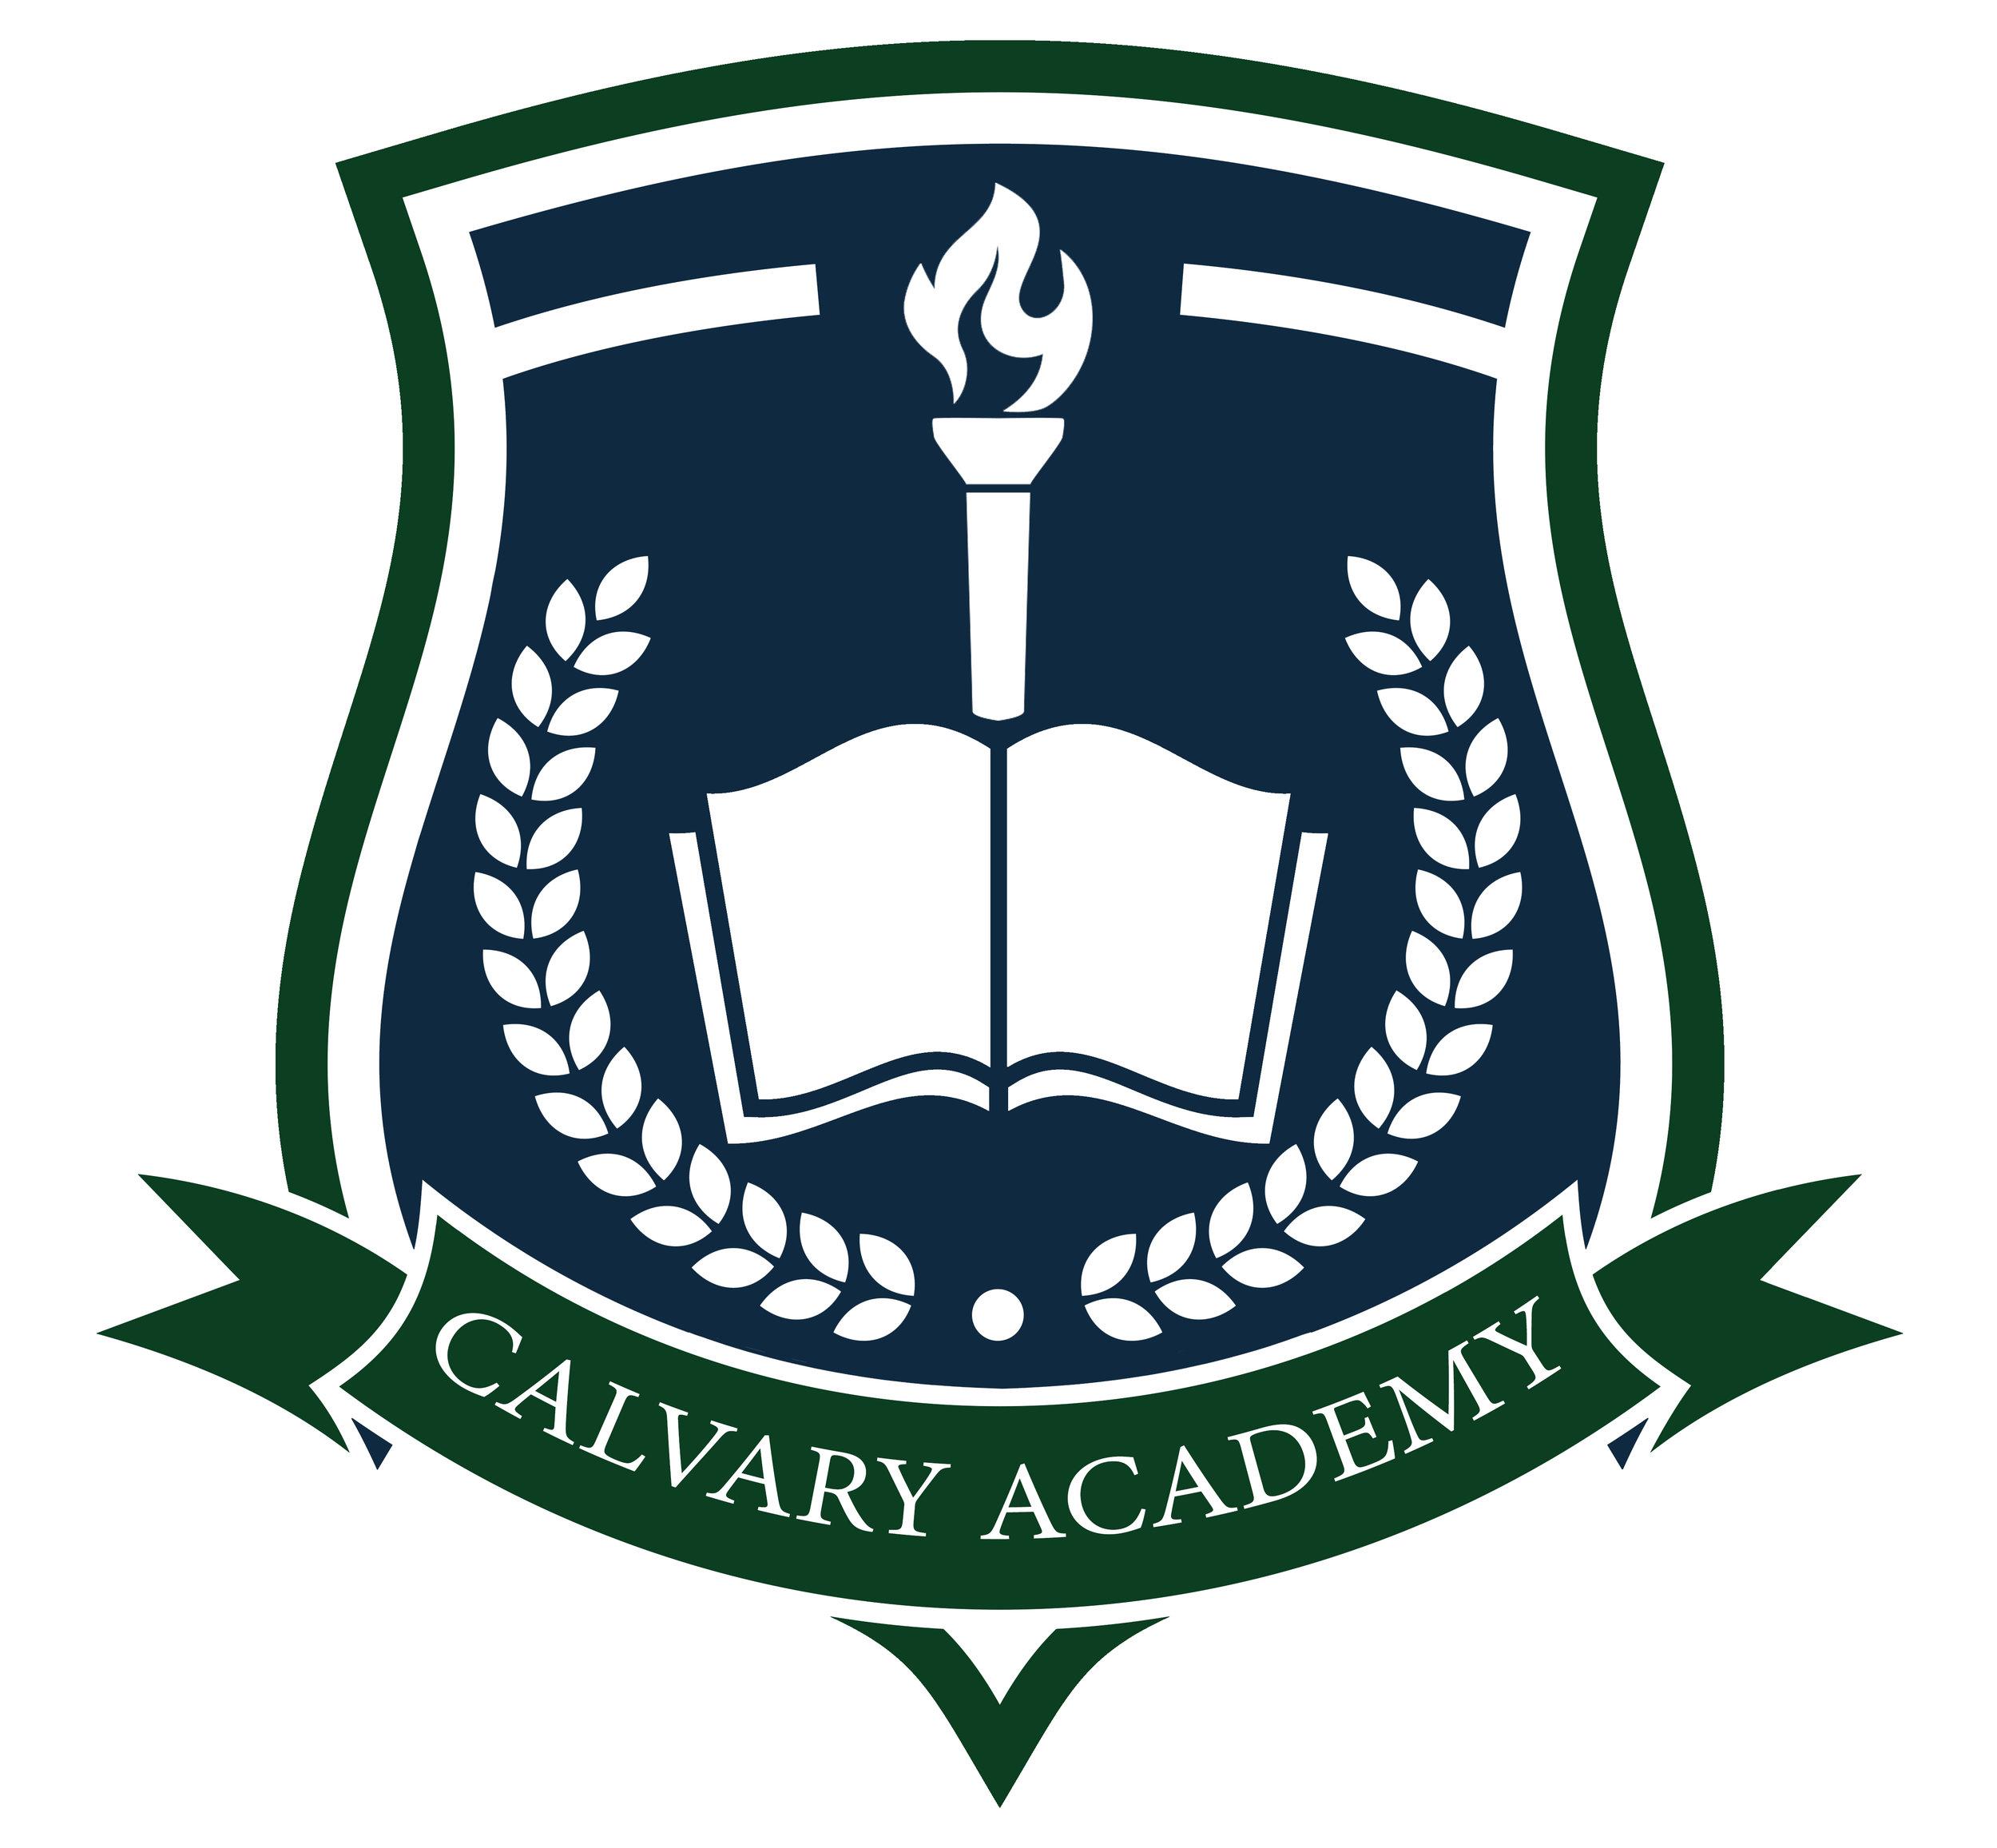 calvary_academy_crest_2018.jpg